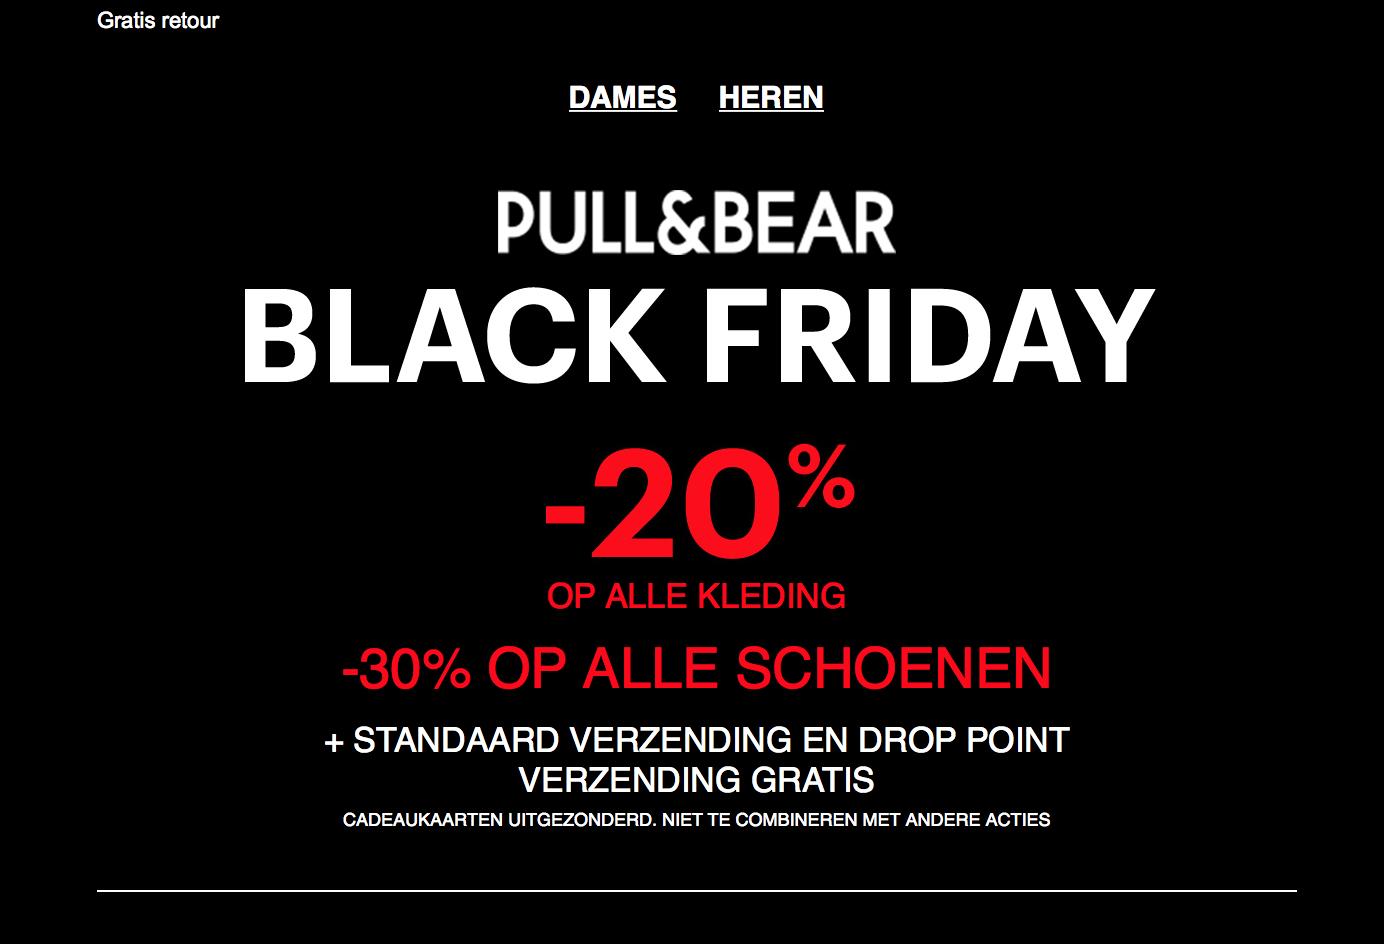 Black Friday @Pull&Bear 20% op kleding en 30% op schoenen